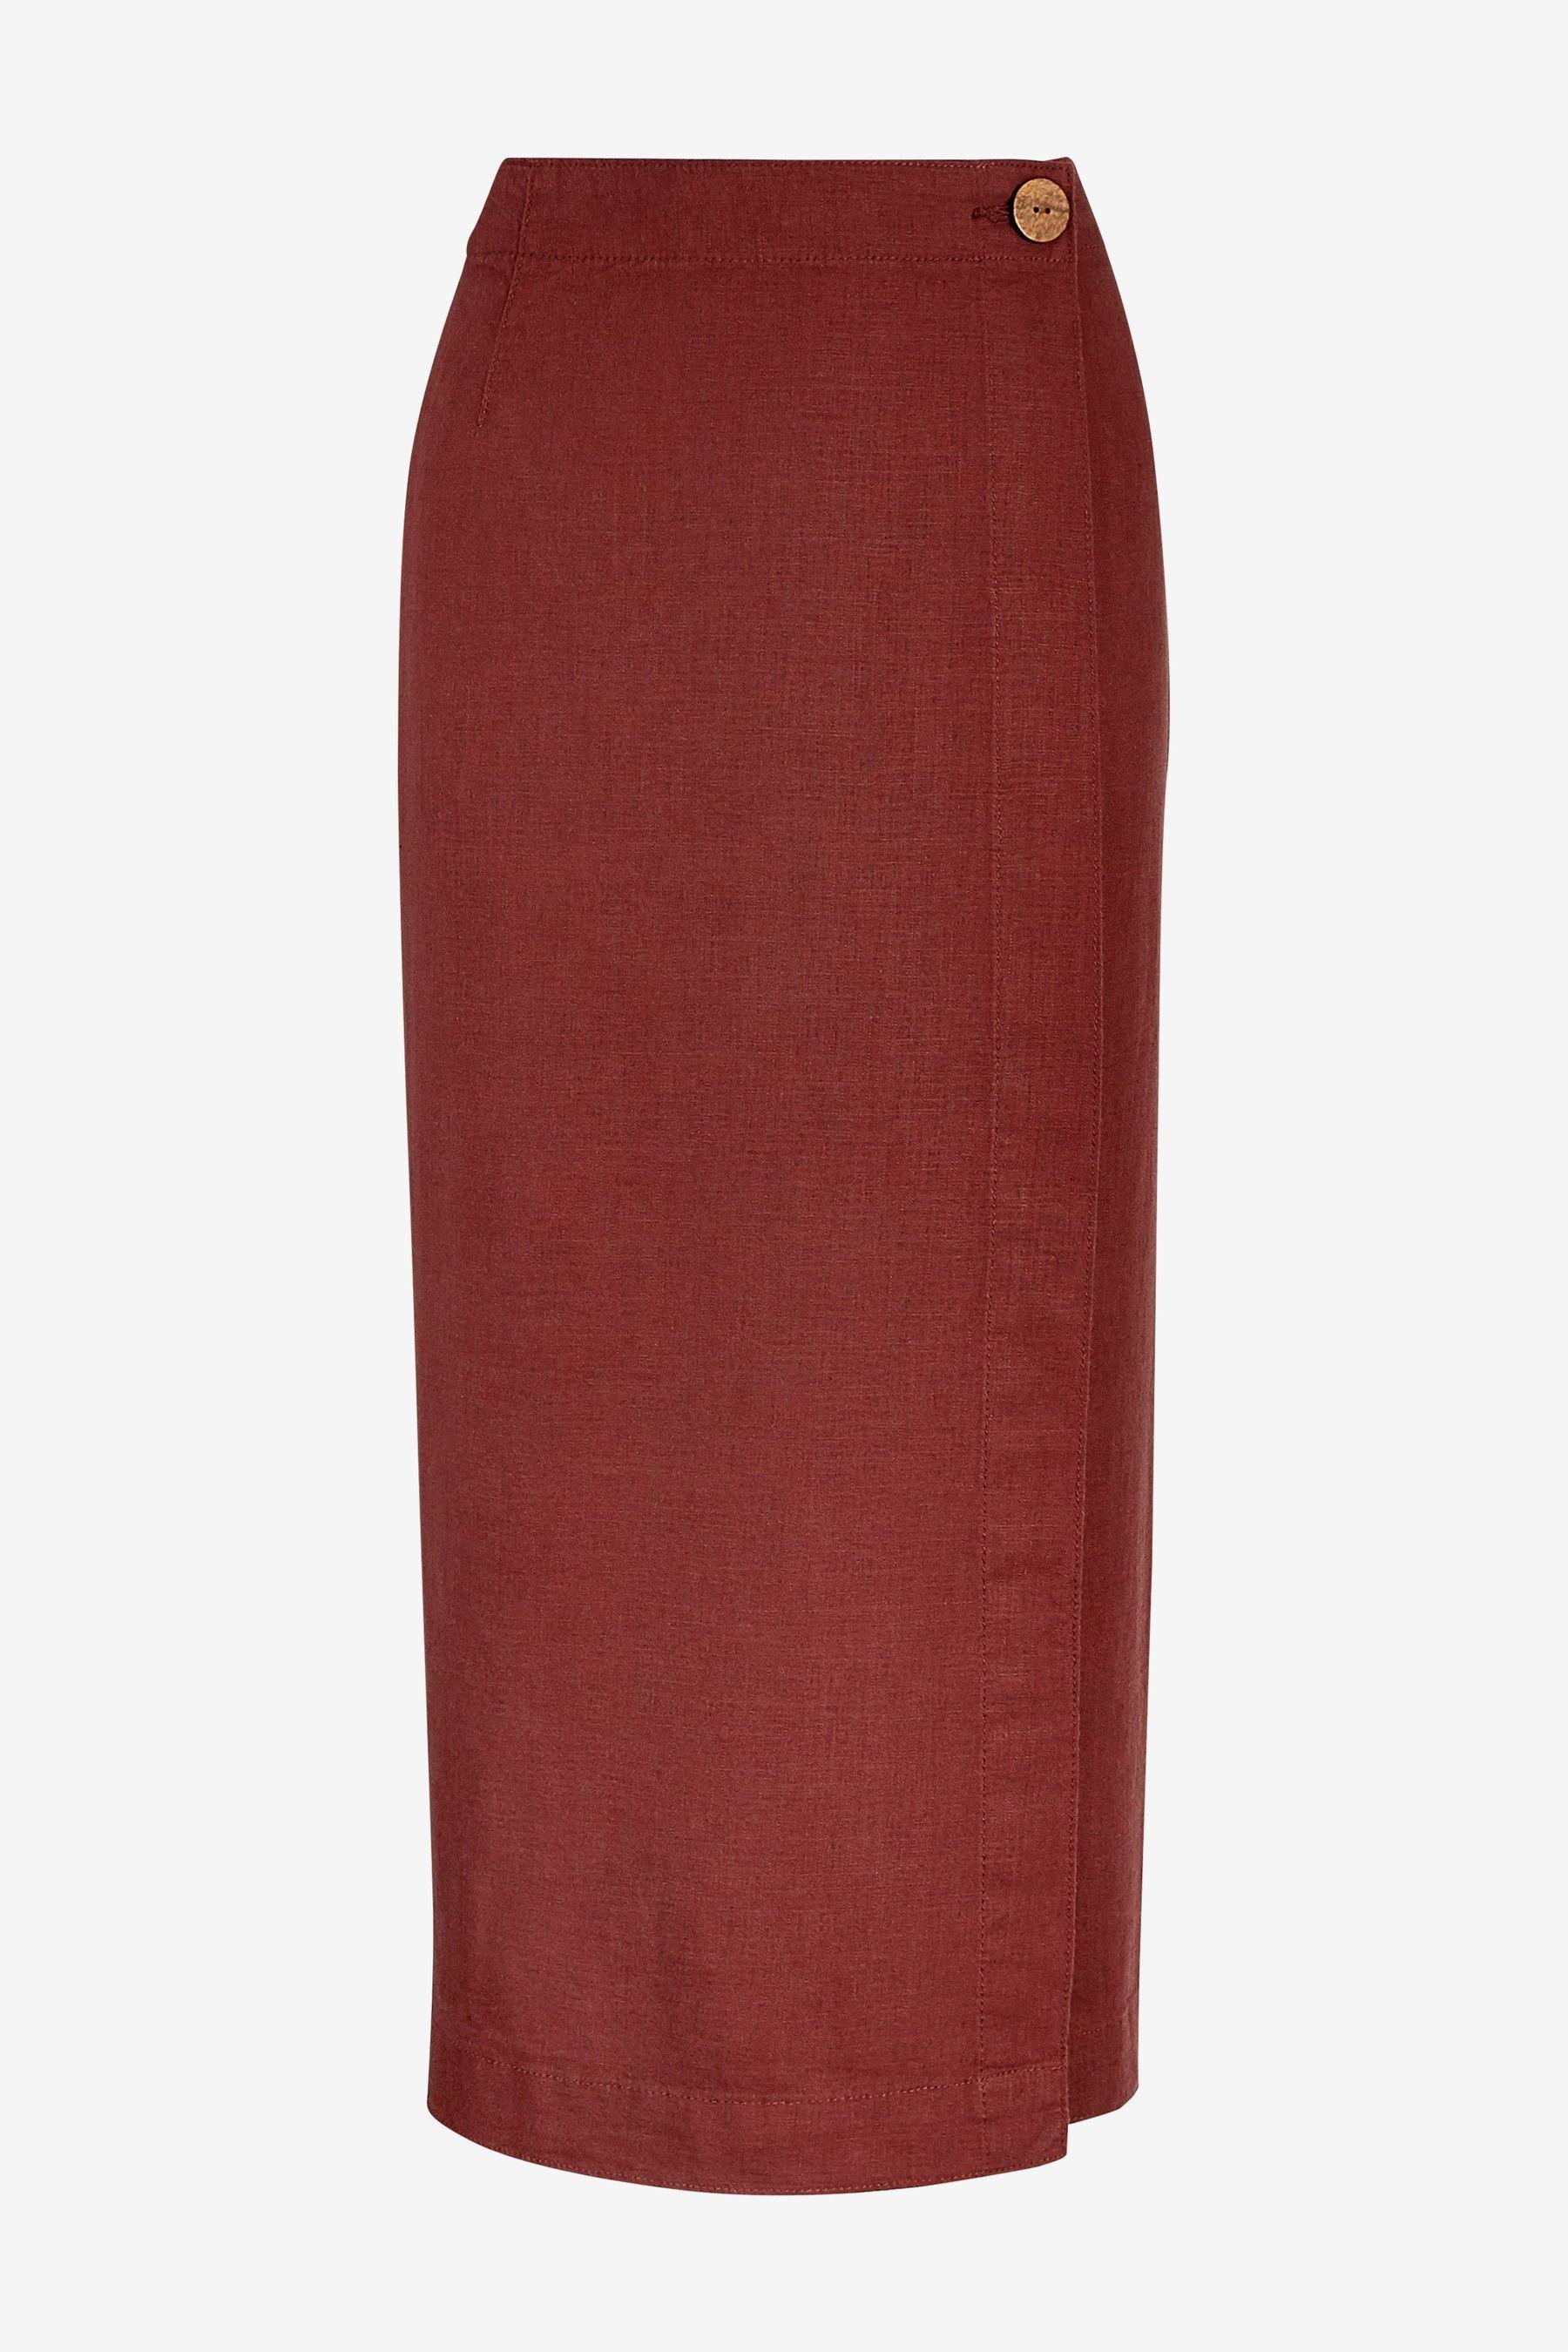 fe7e7eb903 Buy Linen Blend Midi Skirt from the Next UK online shop | Next in ...